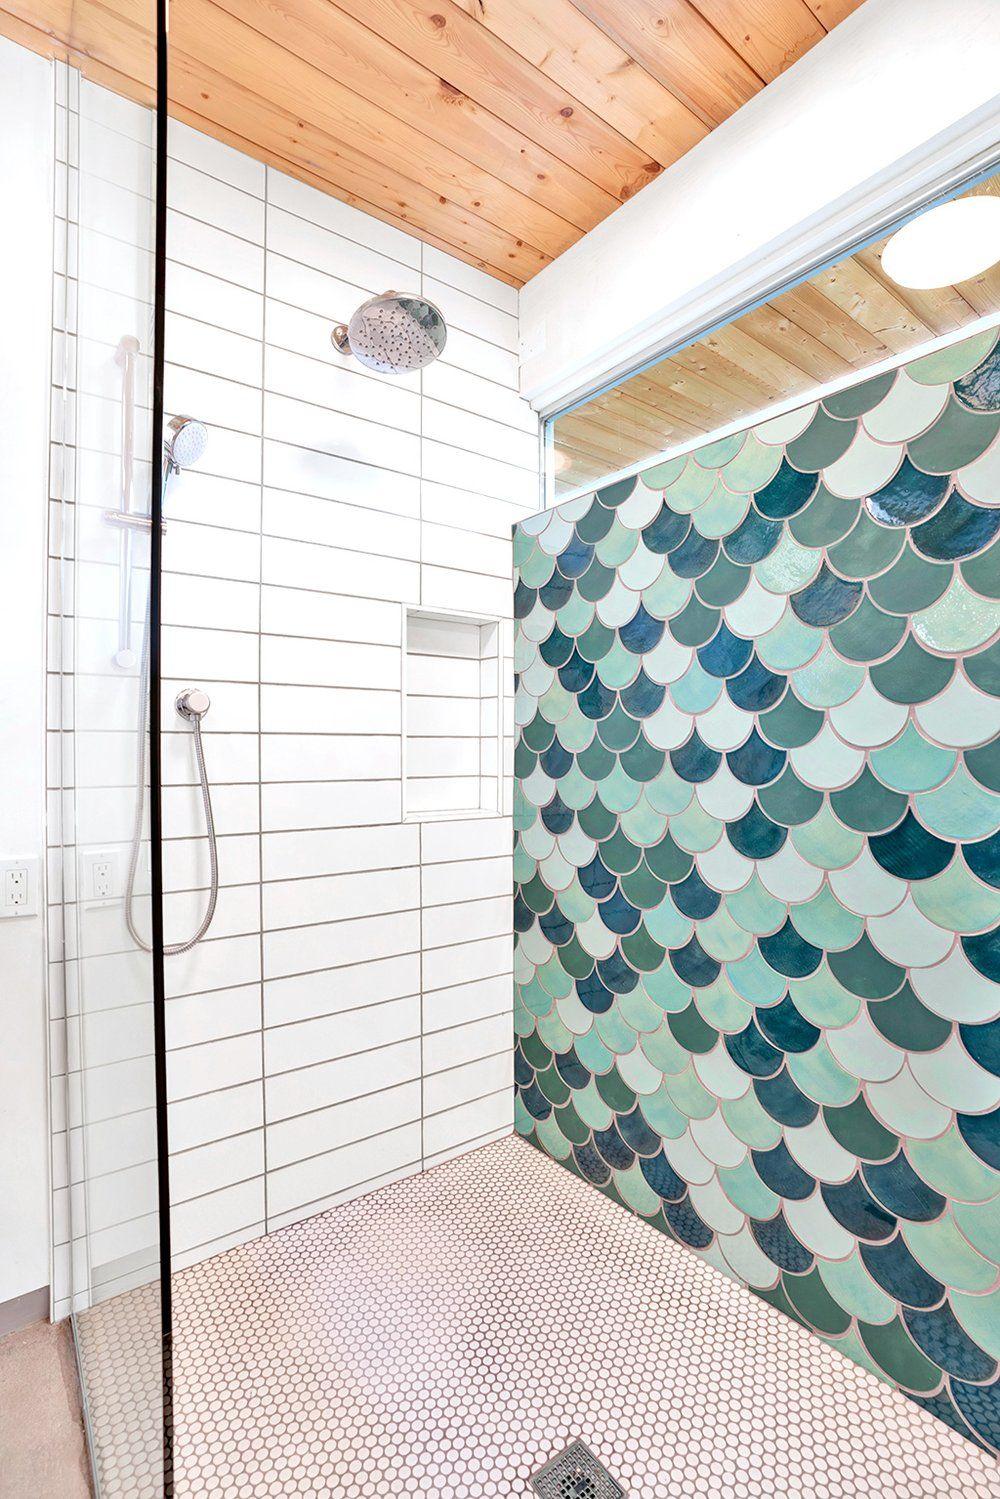 Mosaic Tile Gallery Custom Tile Designs By Mercury Mosaics In